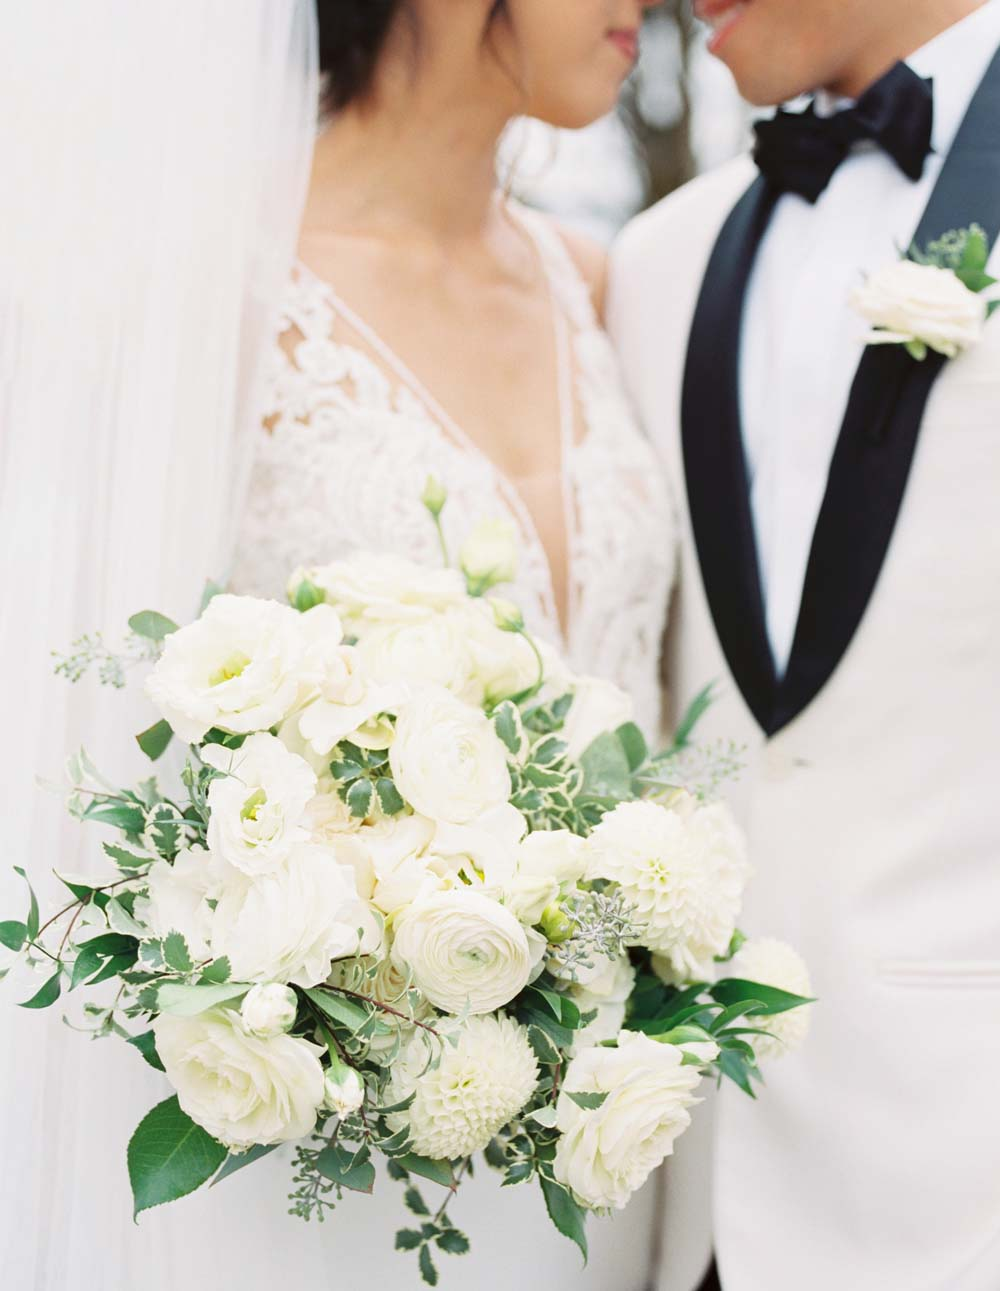 Oregon Golf Club wedding bouquet floral design